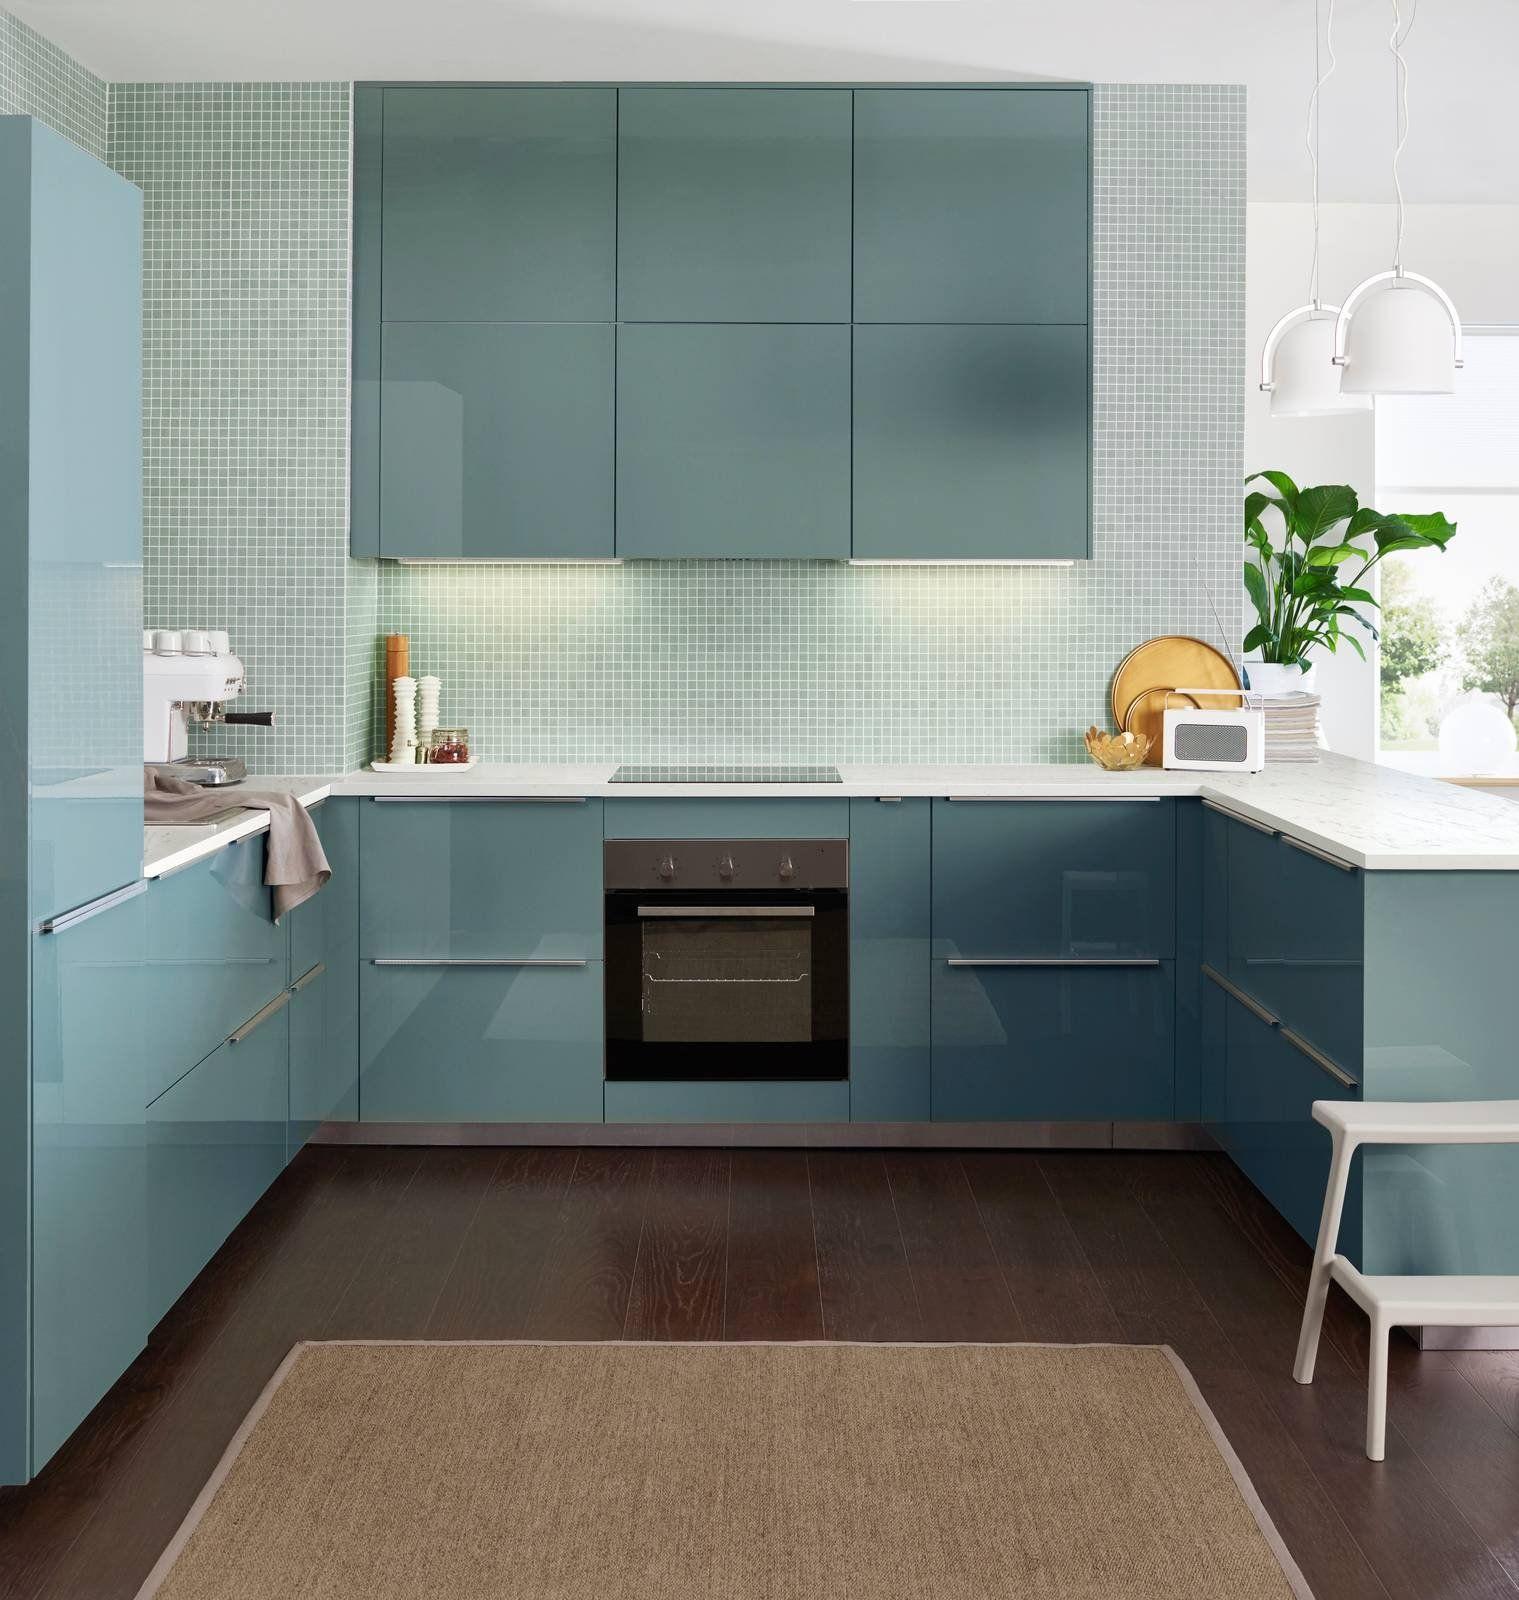 Ambienti Ikea Cucina la cucina a u: raccolta, ergonomica, funzionale nel 2020